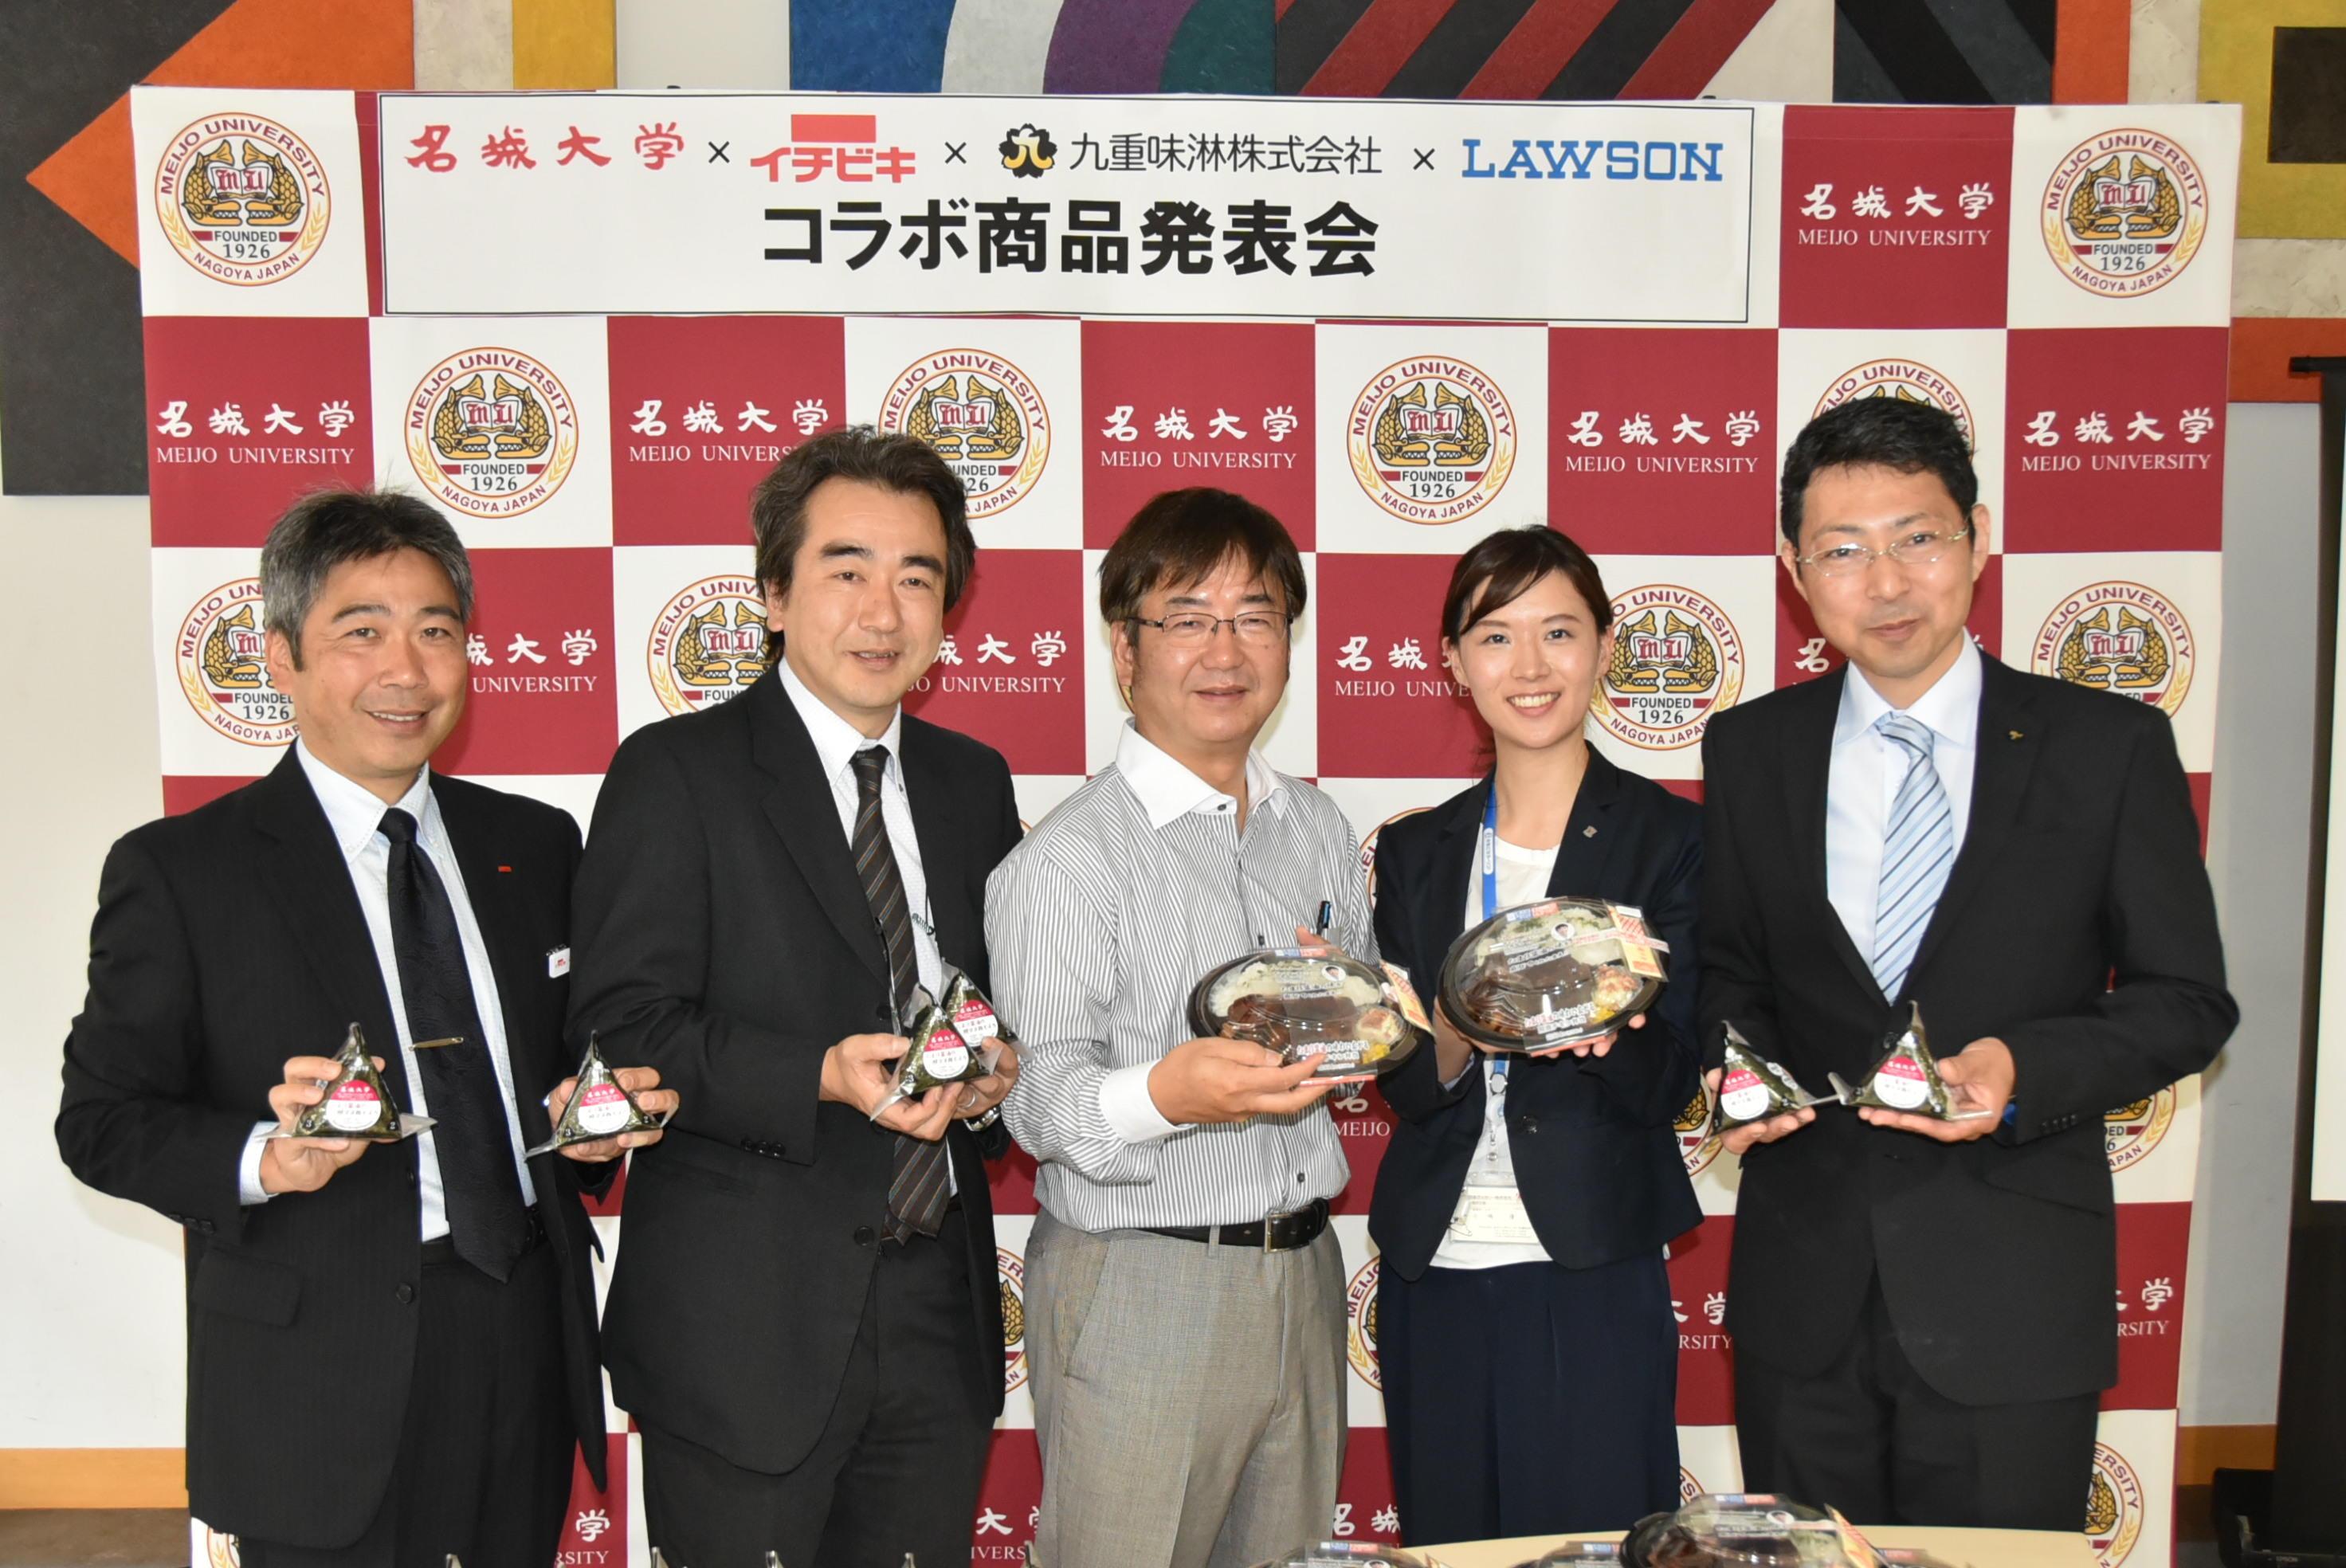 (左から)平松さん、林教授、加藤教授、大坪さん、柴田さん